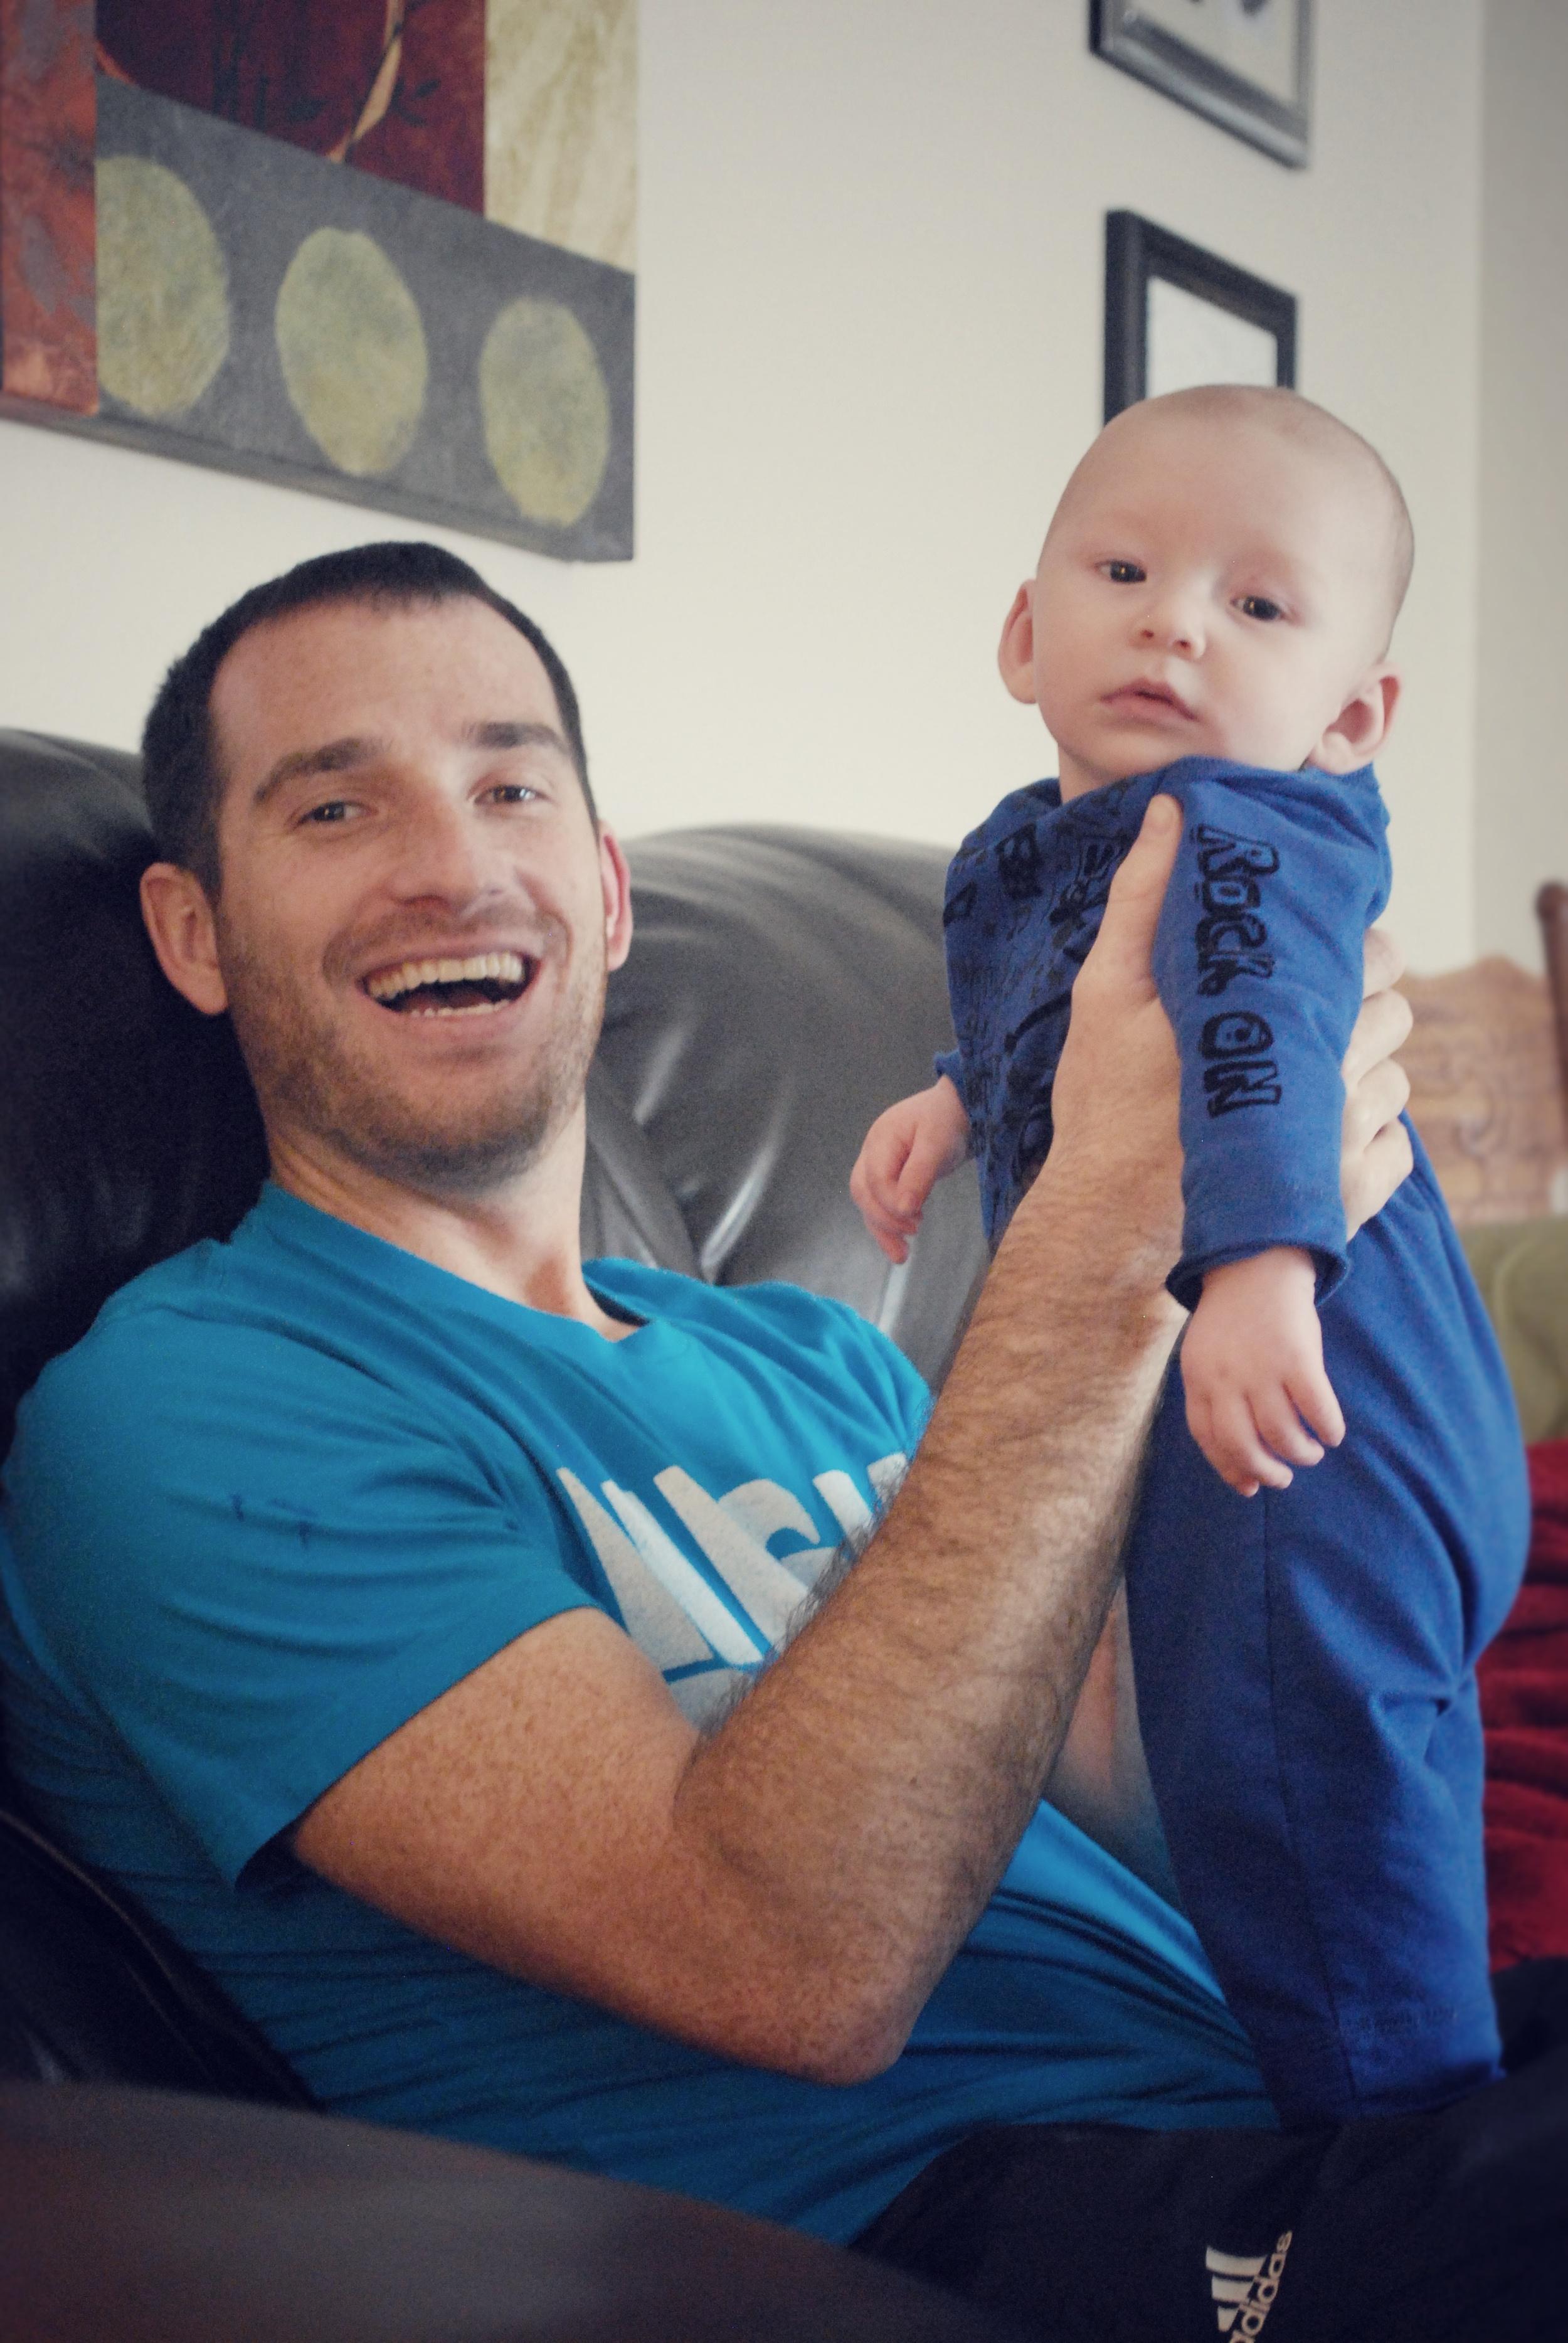 micah&daddy